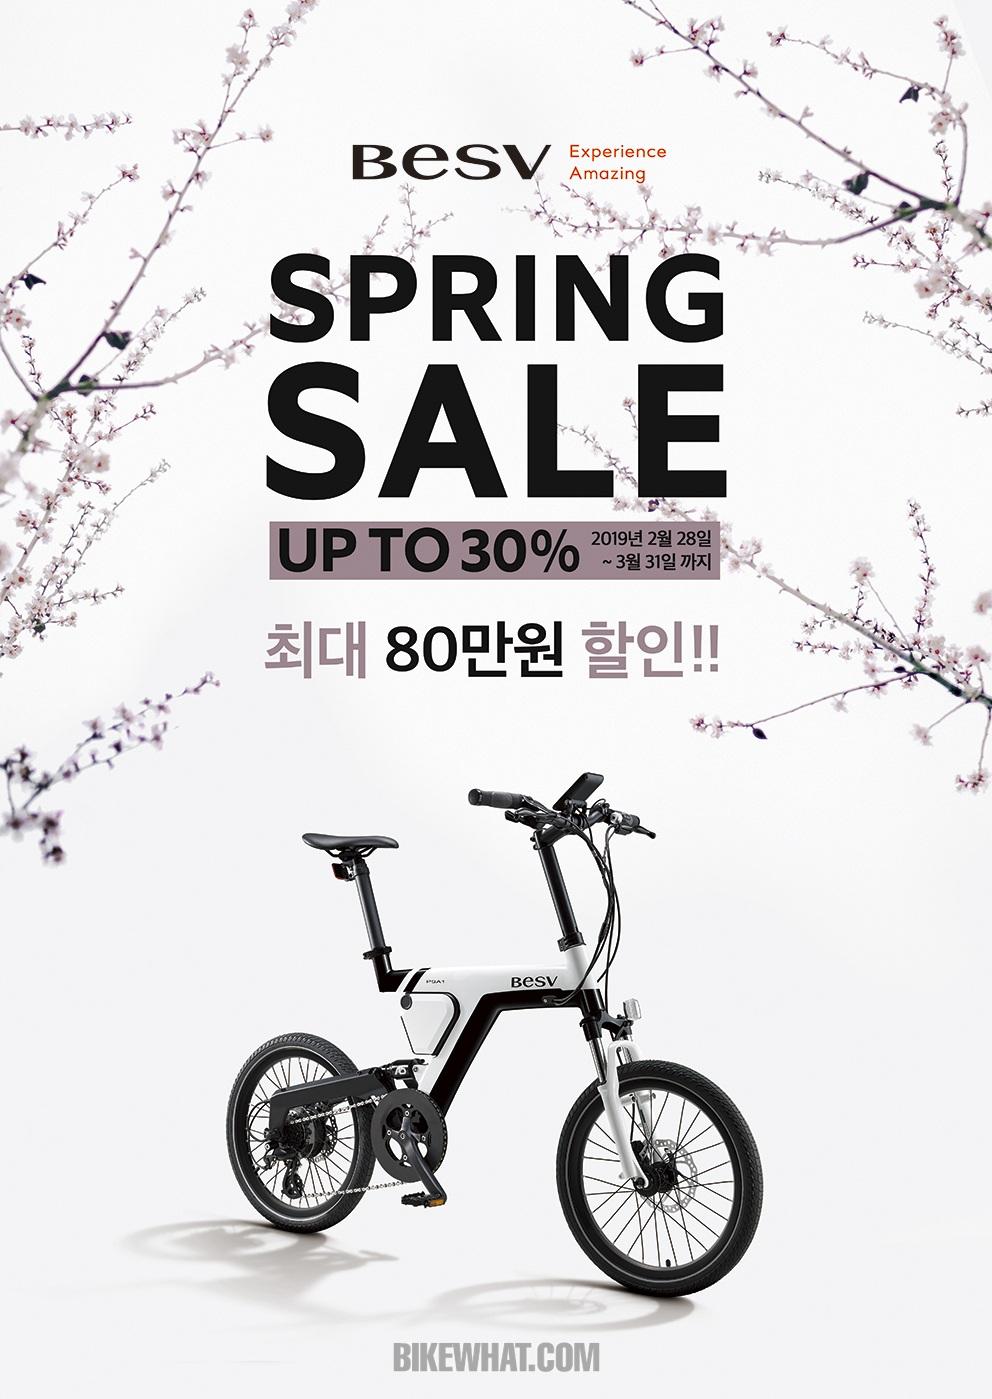 news_2019_spring sale_besv.jpg